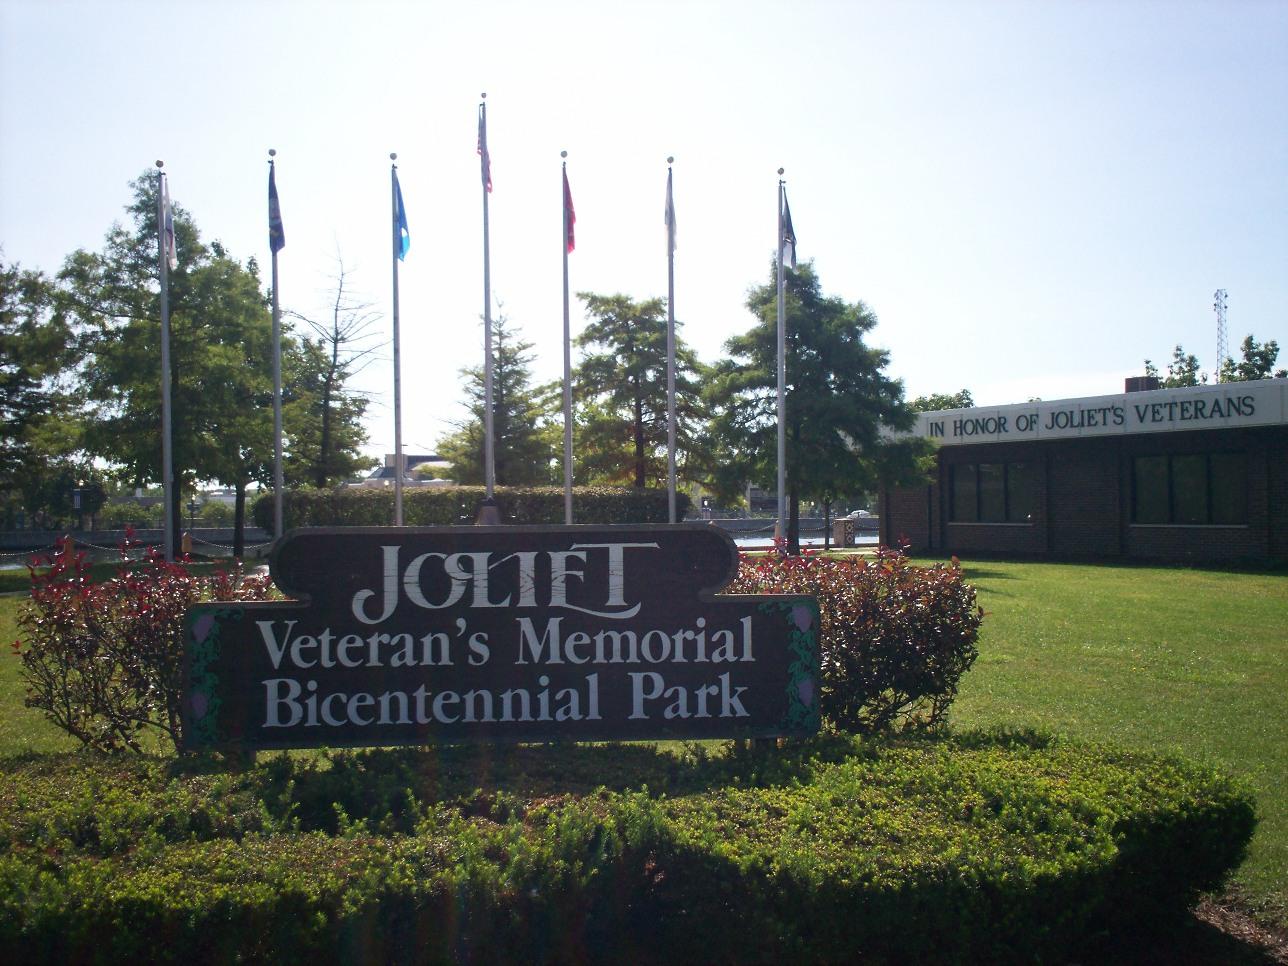 Illinois will county crest hill 60435 - Joliet Illinois